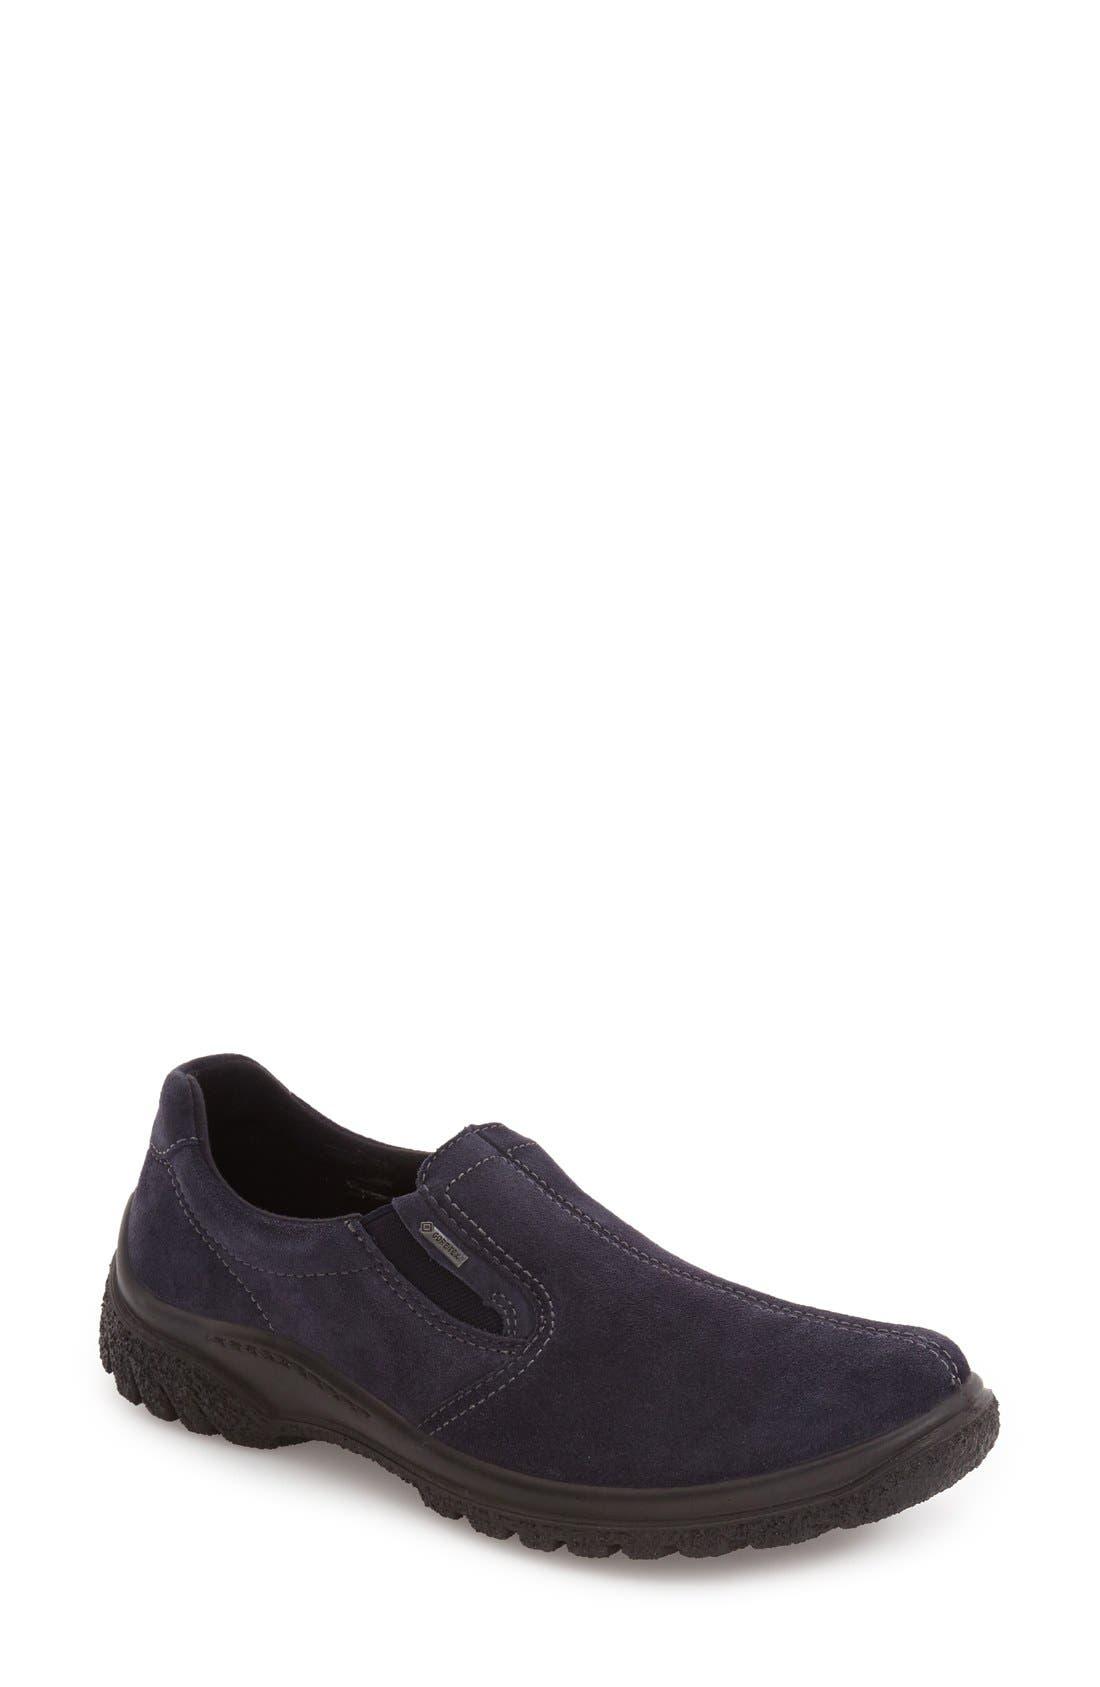 Ara Parson Waterproof Gore-Tex Slip-On Sneaker